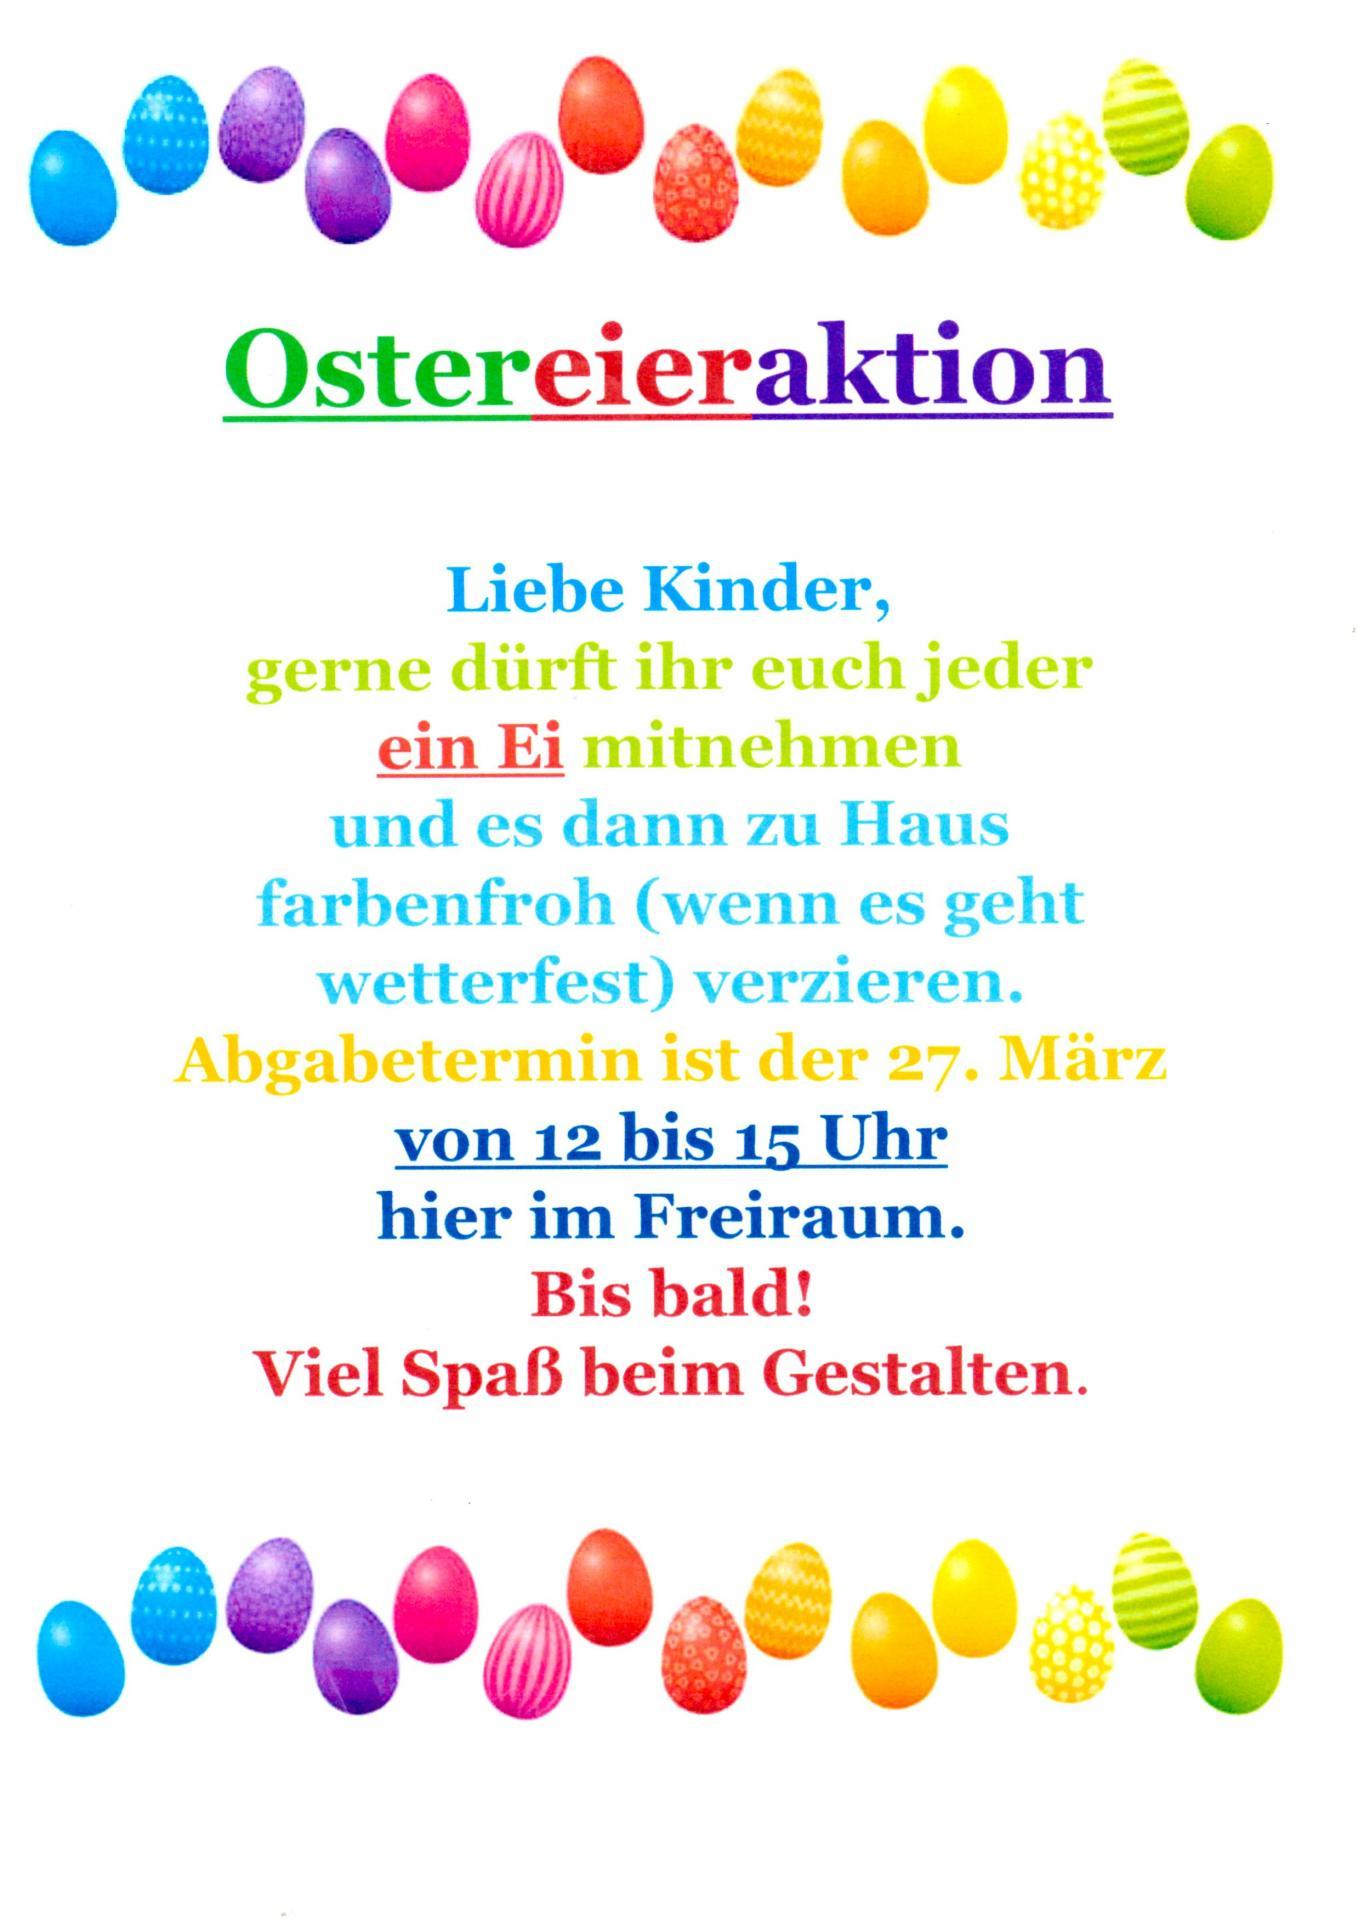 Ostereieraktion für Kinder